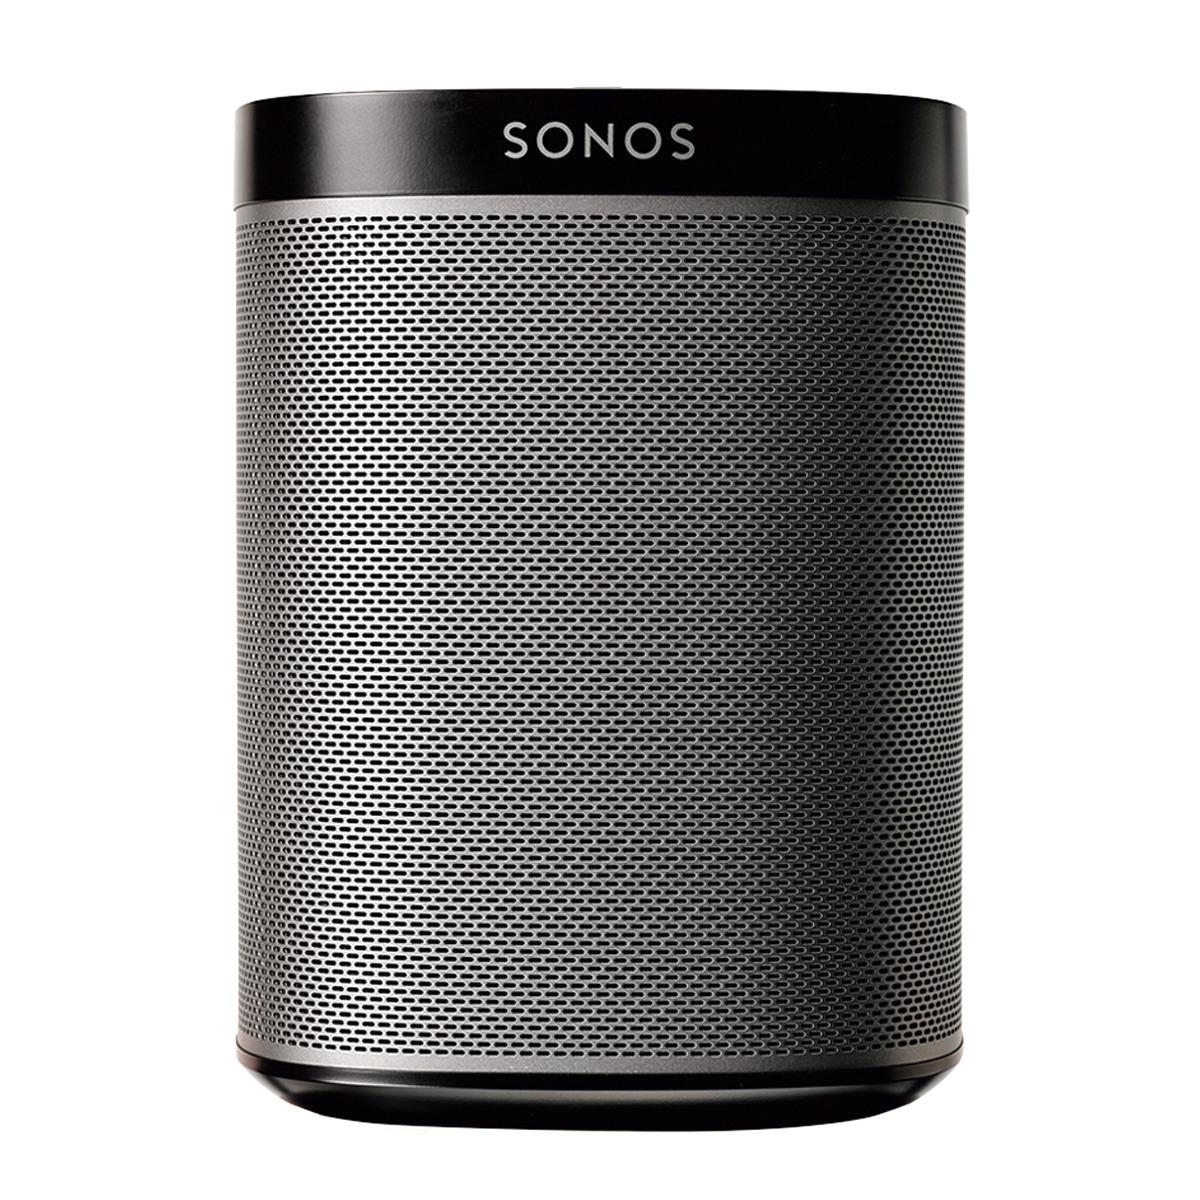 Altavoz reproductor Sonos PLAY:1 Wi-Fi negro